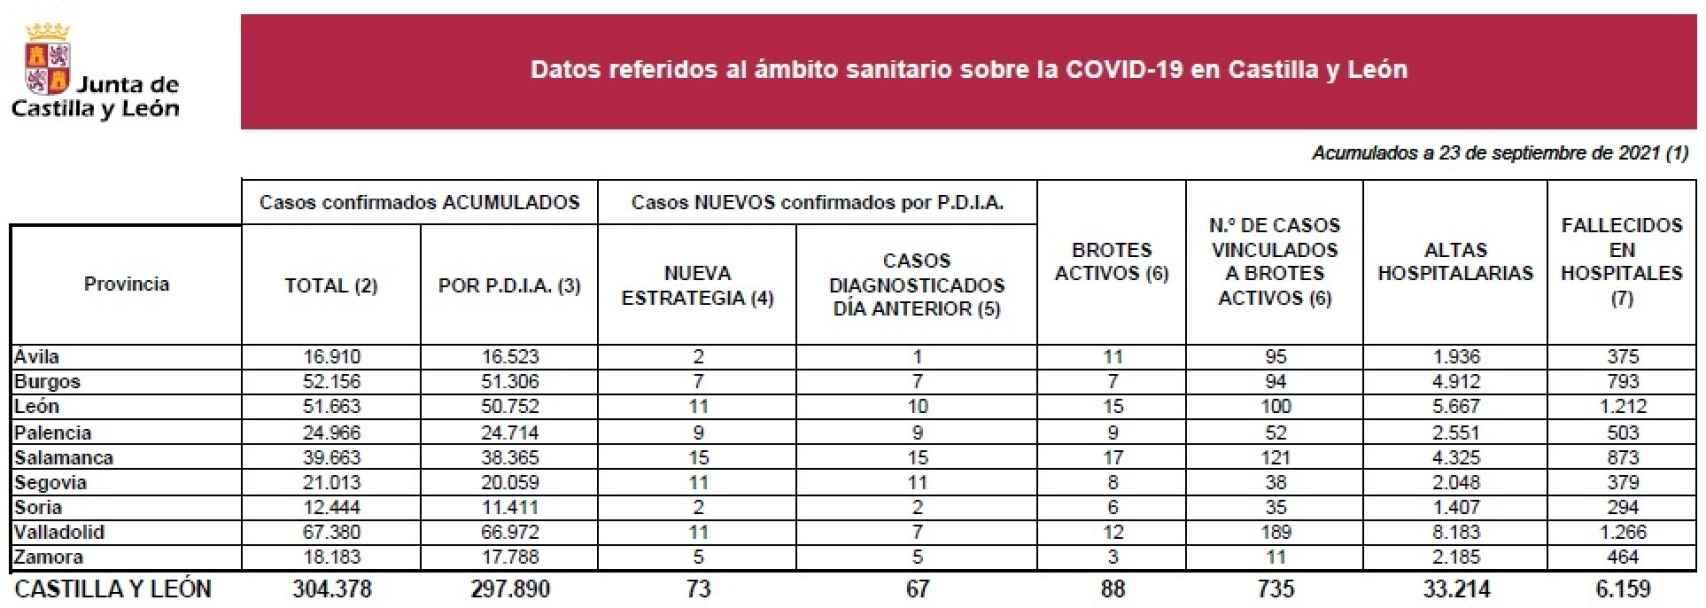 Estadística COVID Castilla y León 23 09 2021